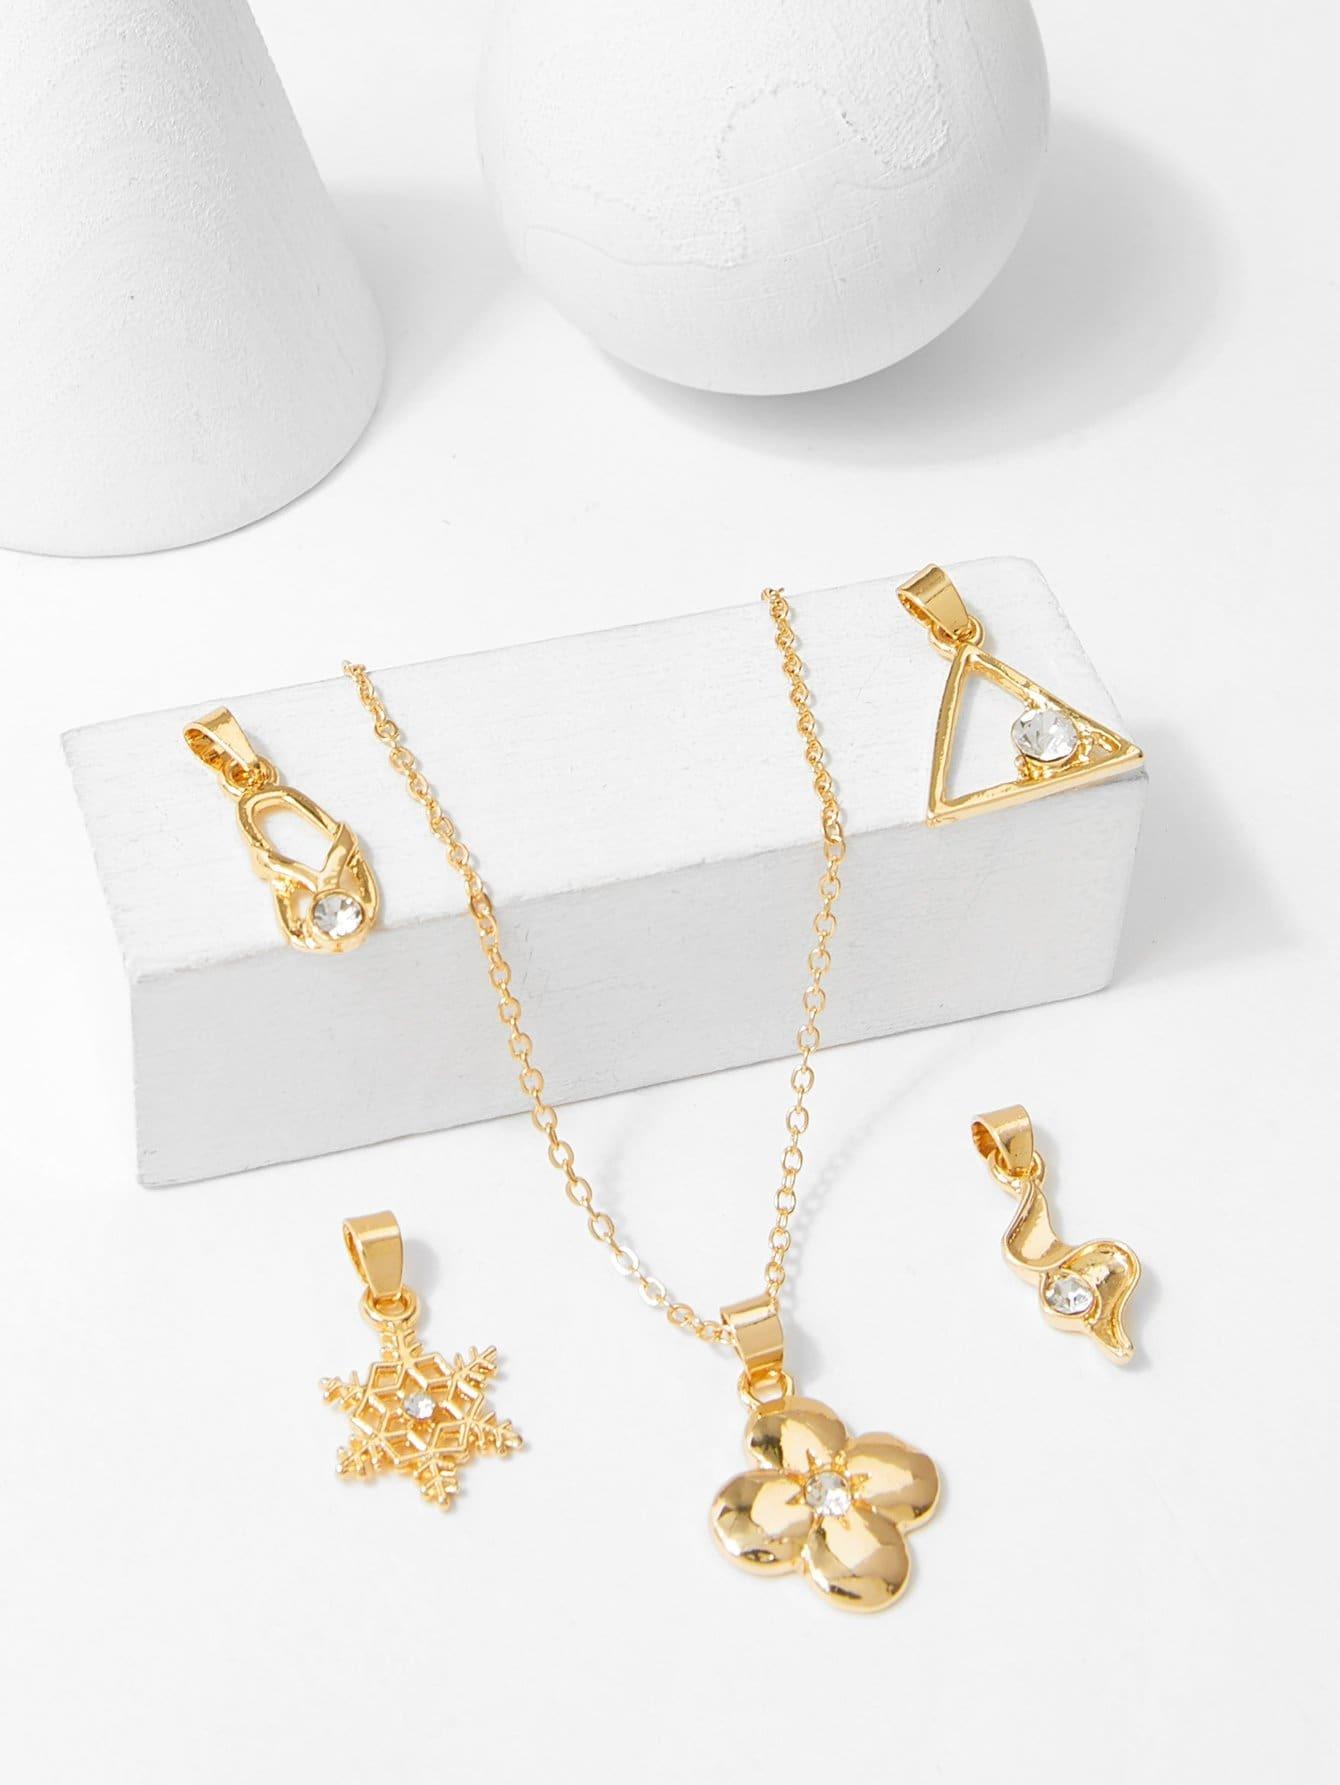 цена на Snowflake & Triangle Detachable Necklace 5pcs